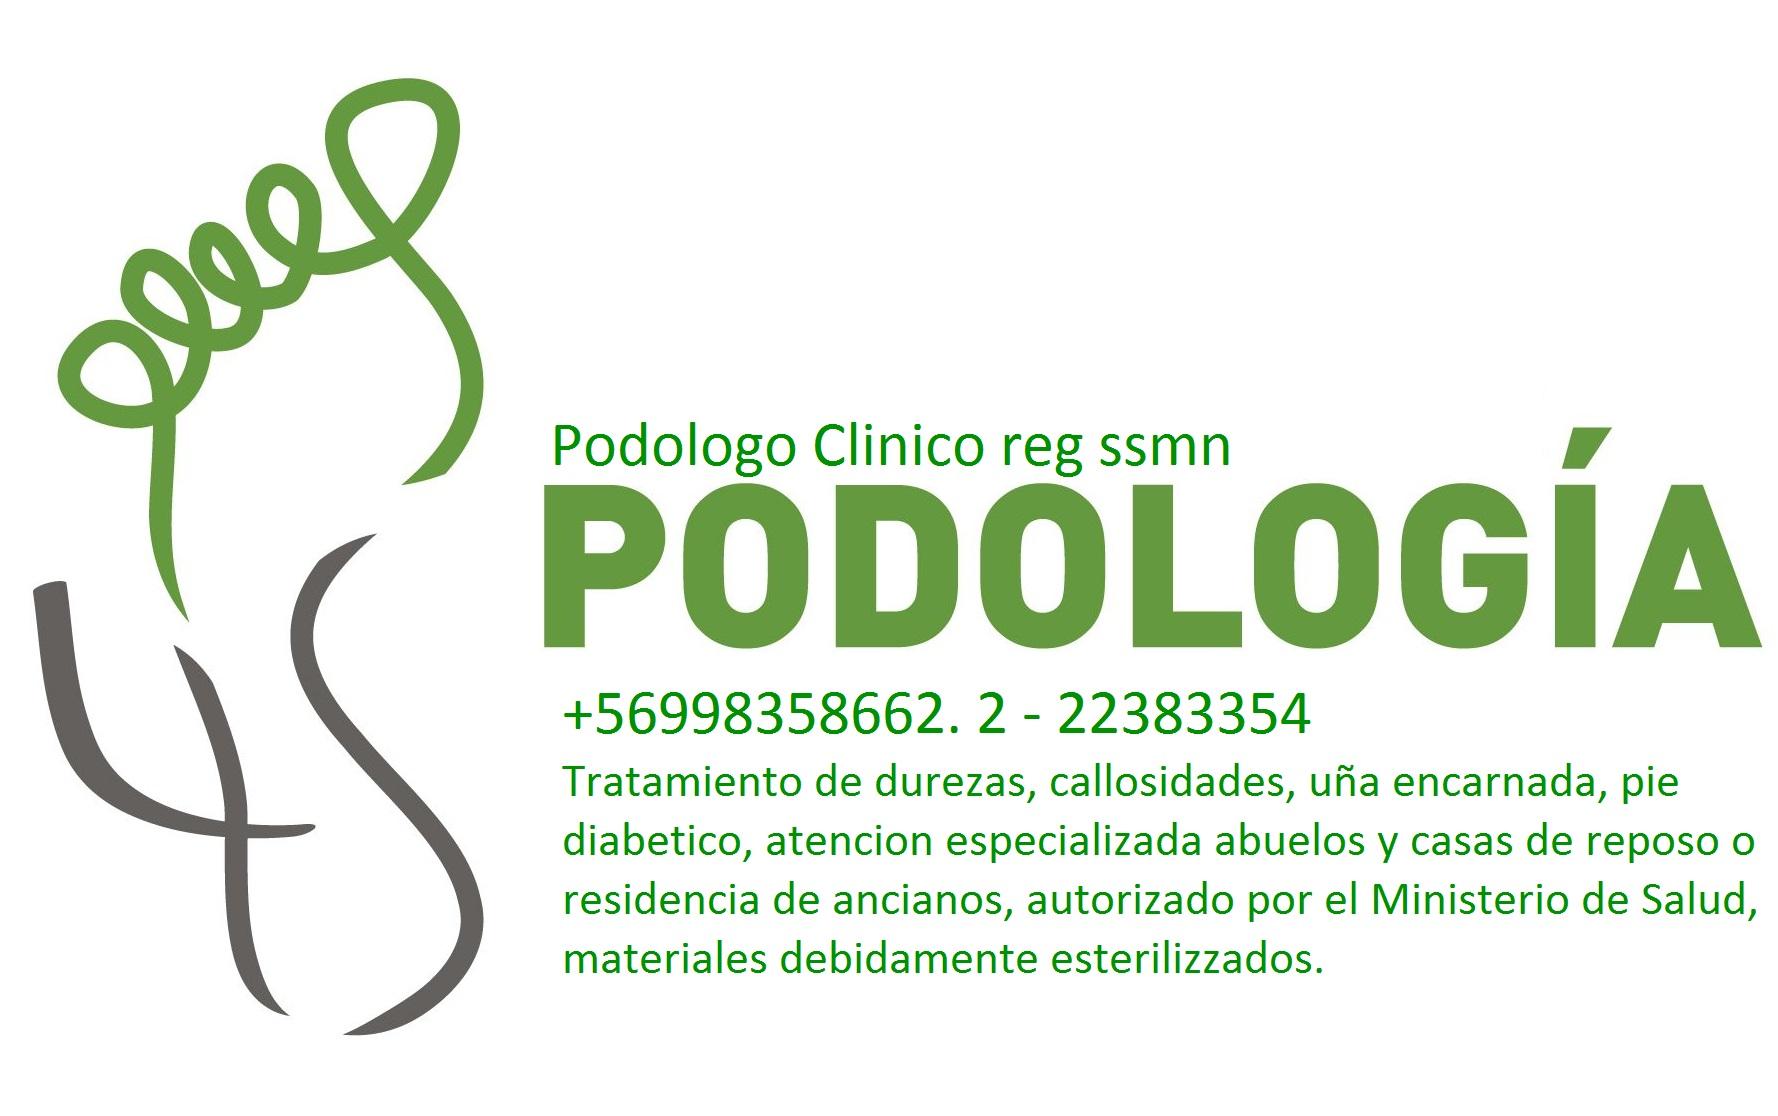 PODOLOGIA DIABETICA Las Condes +56998358662